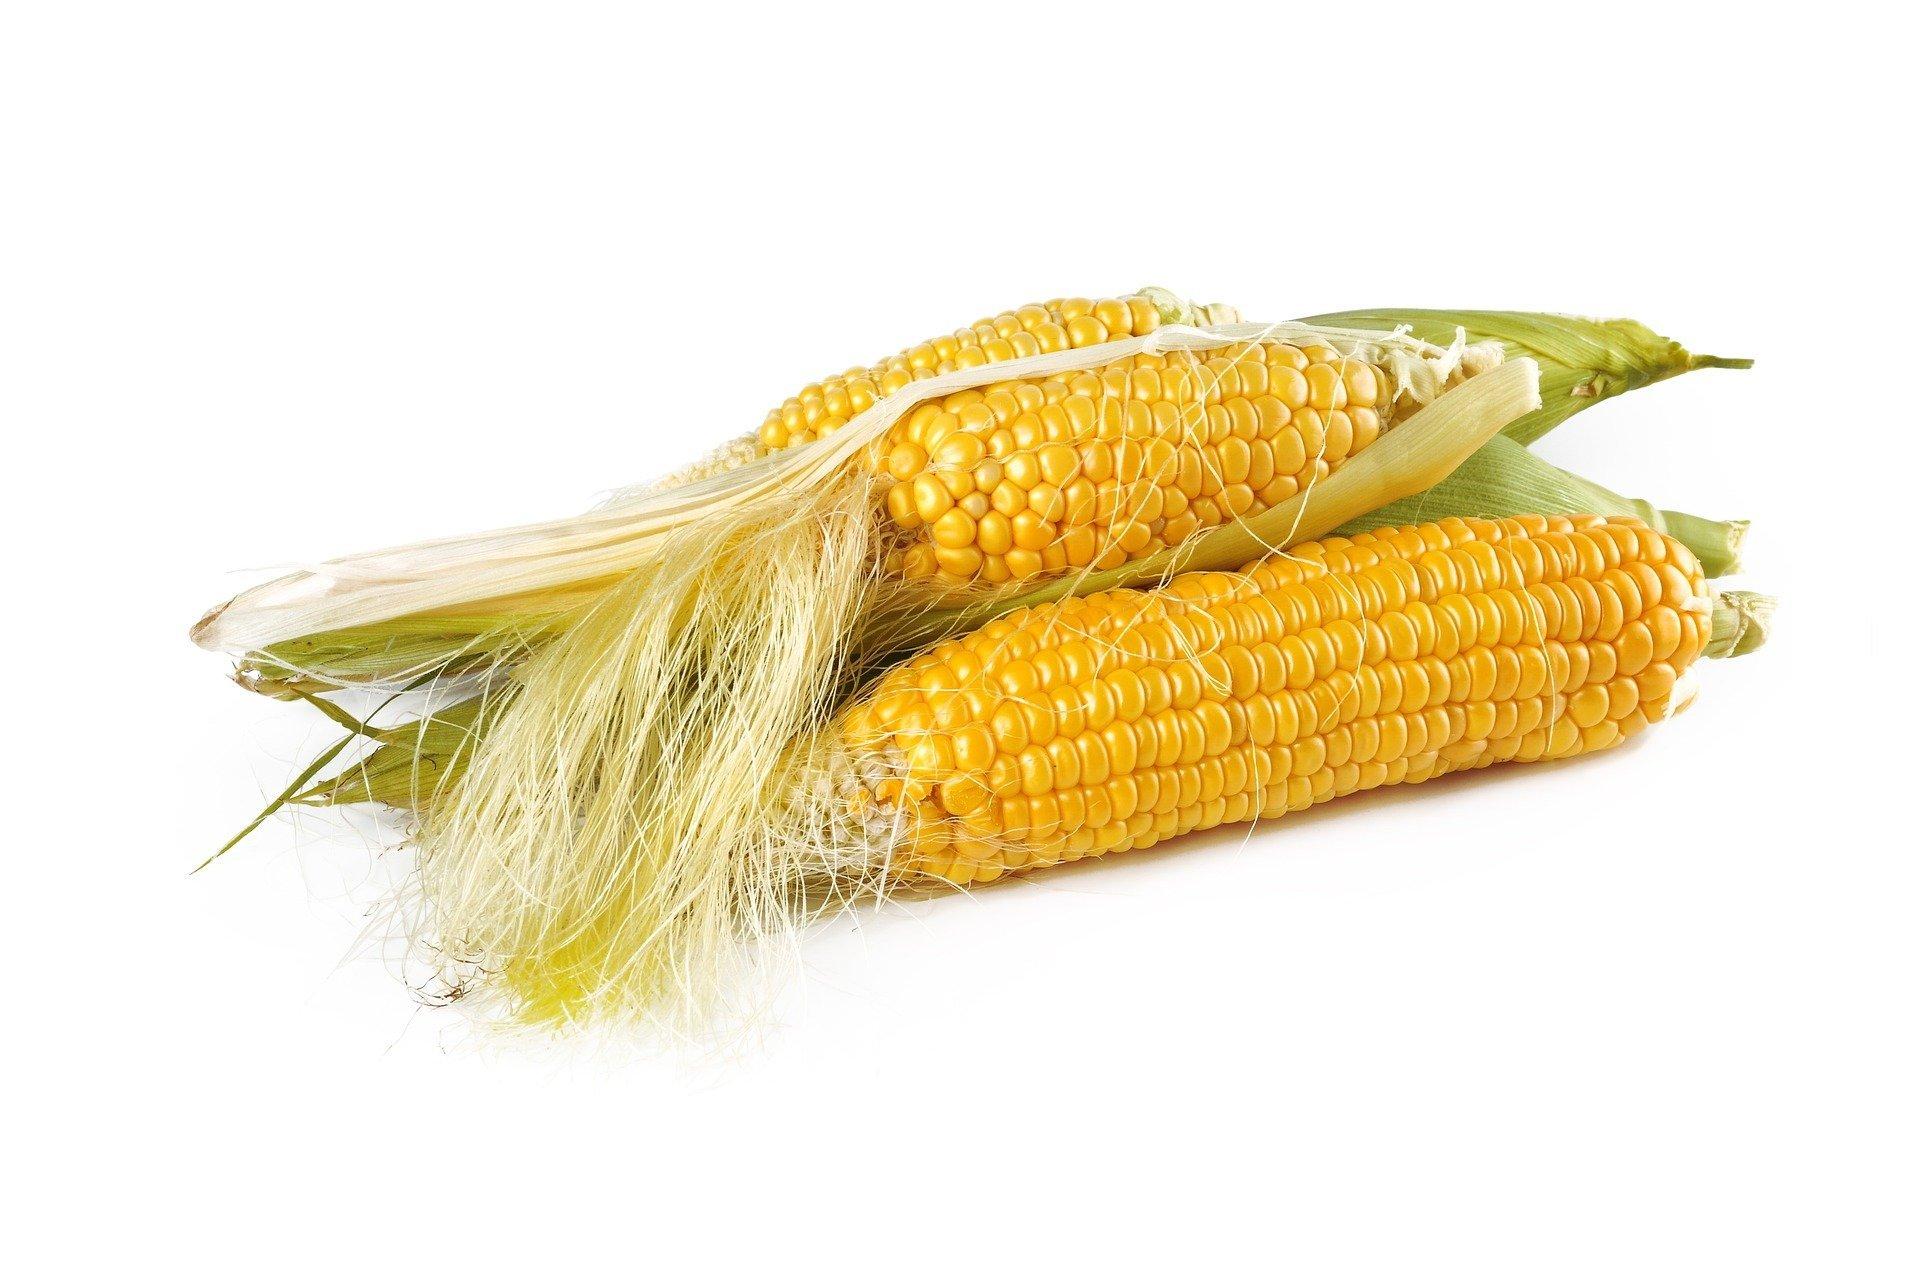 zagadki o warzywach z odpowiedziami, zgadywanki dla dzieci